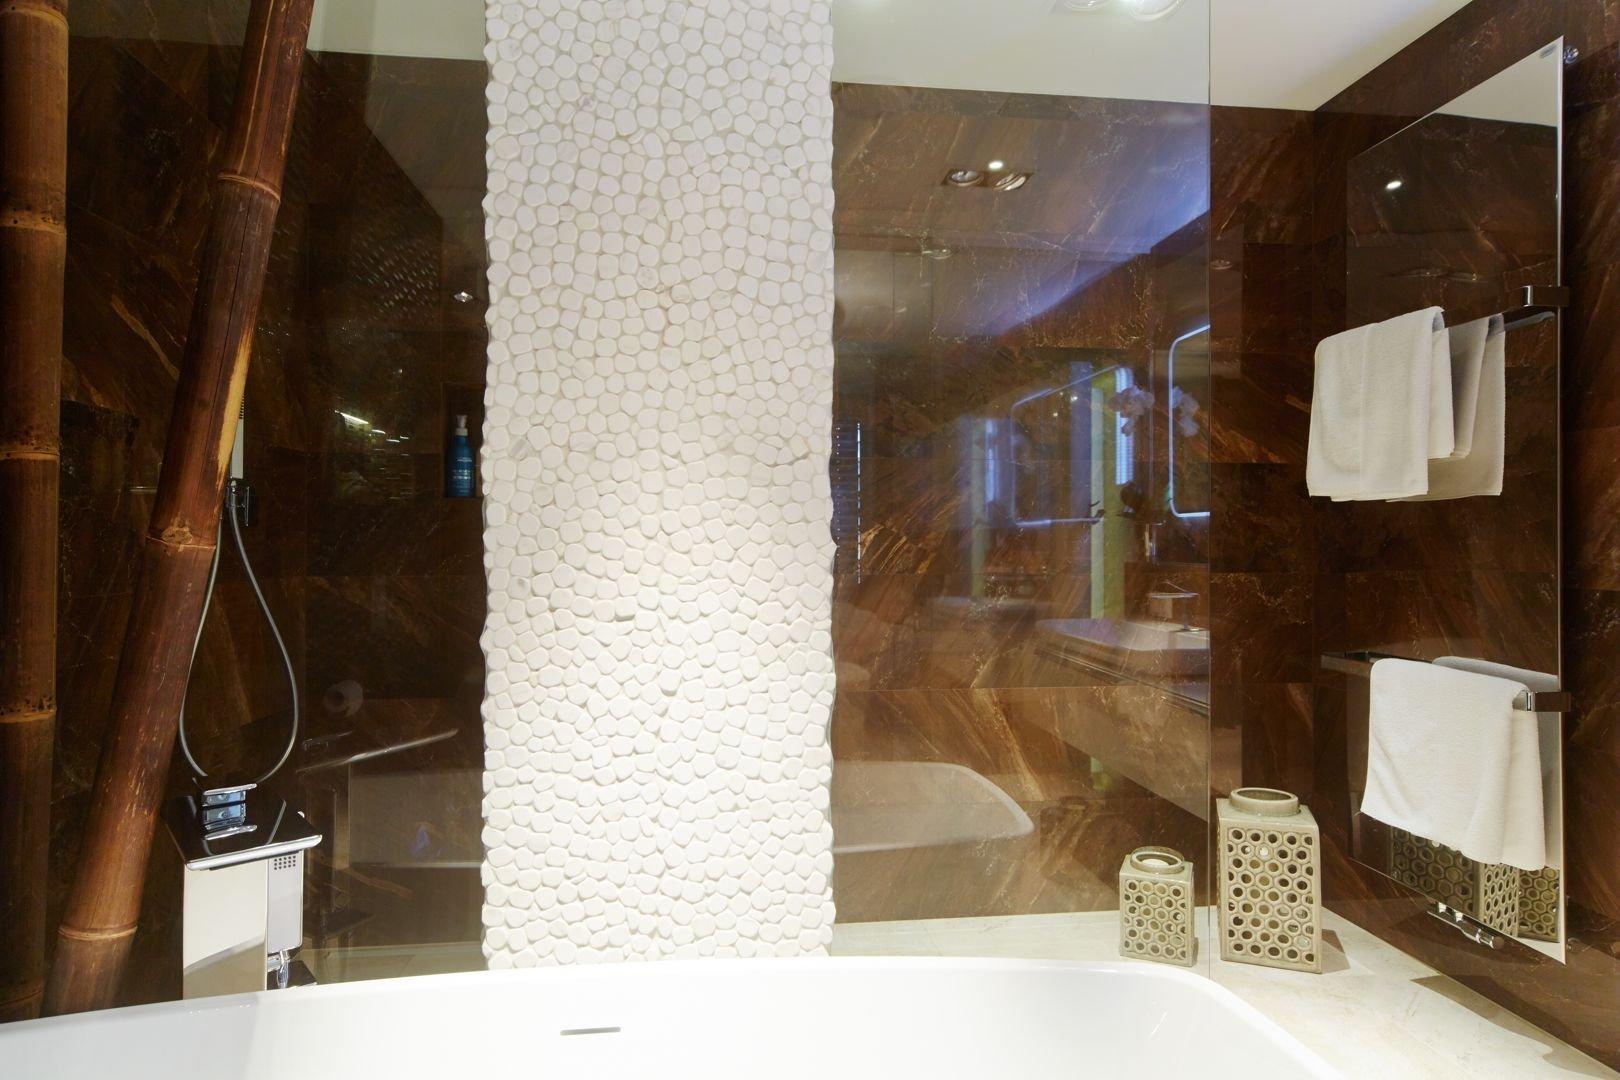 Realizace koupelny se záchodem moderního bytu v Brně. Zakázka byla dodána včetně vizualizace, materiálůa řemeslných prací na klíč.